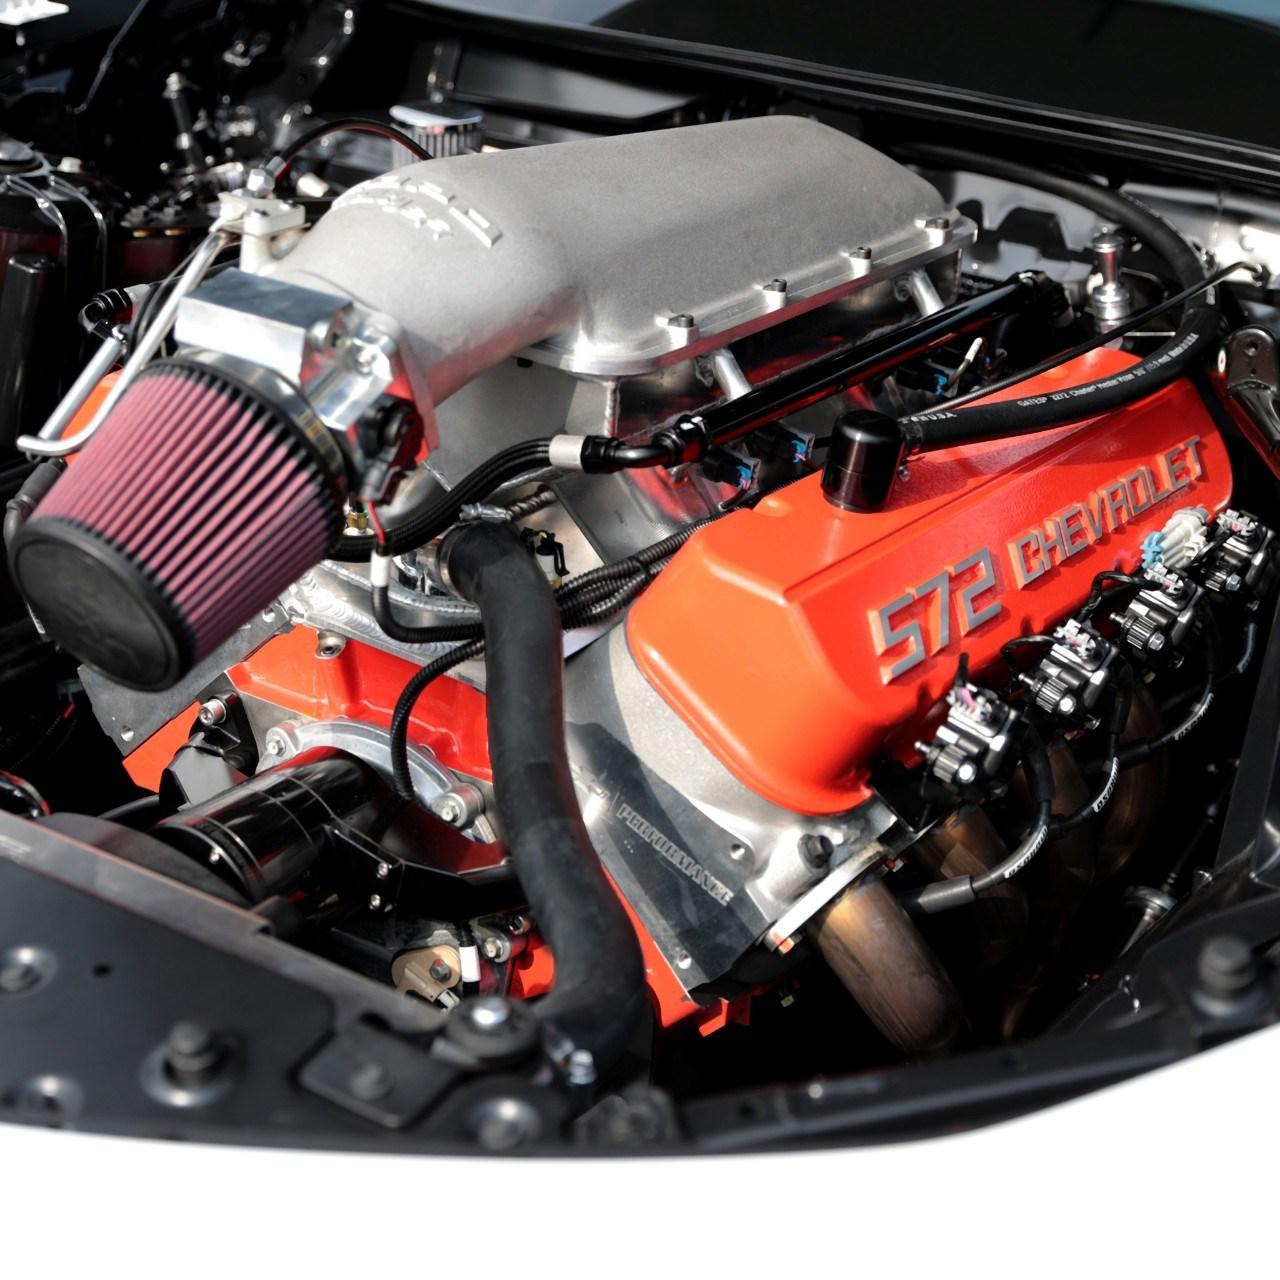 排気量9373cc! シボレーがウイリーするほど速いドラッグレース用カマロを販売